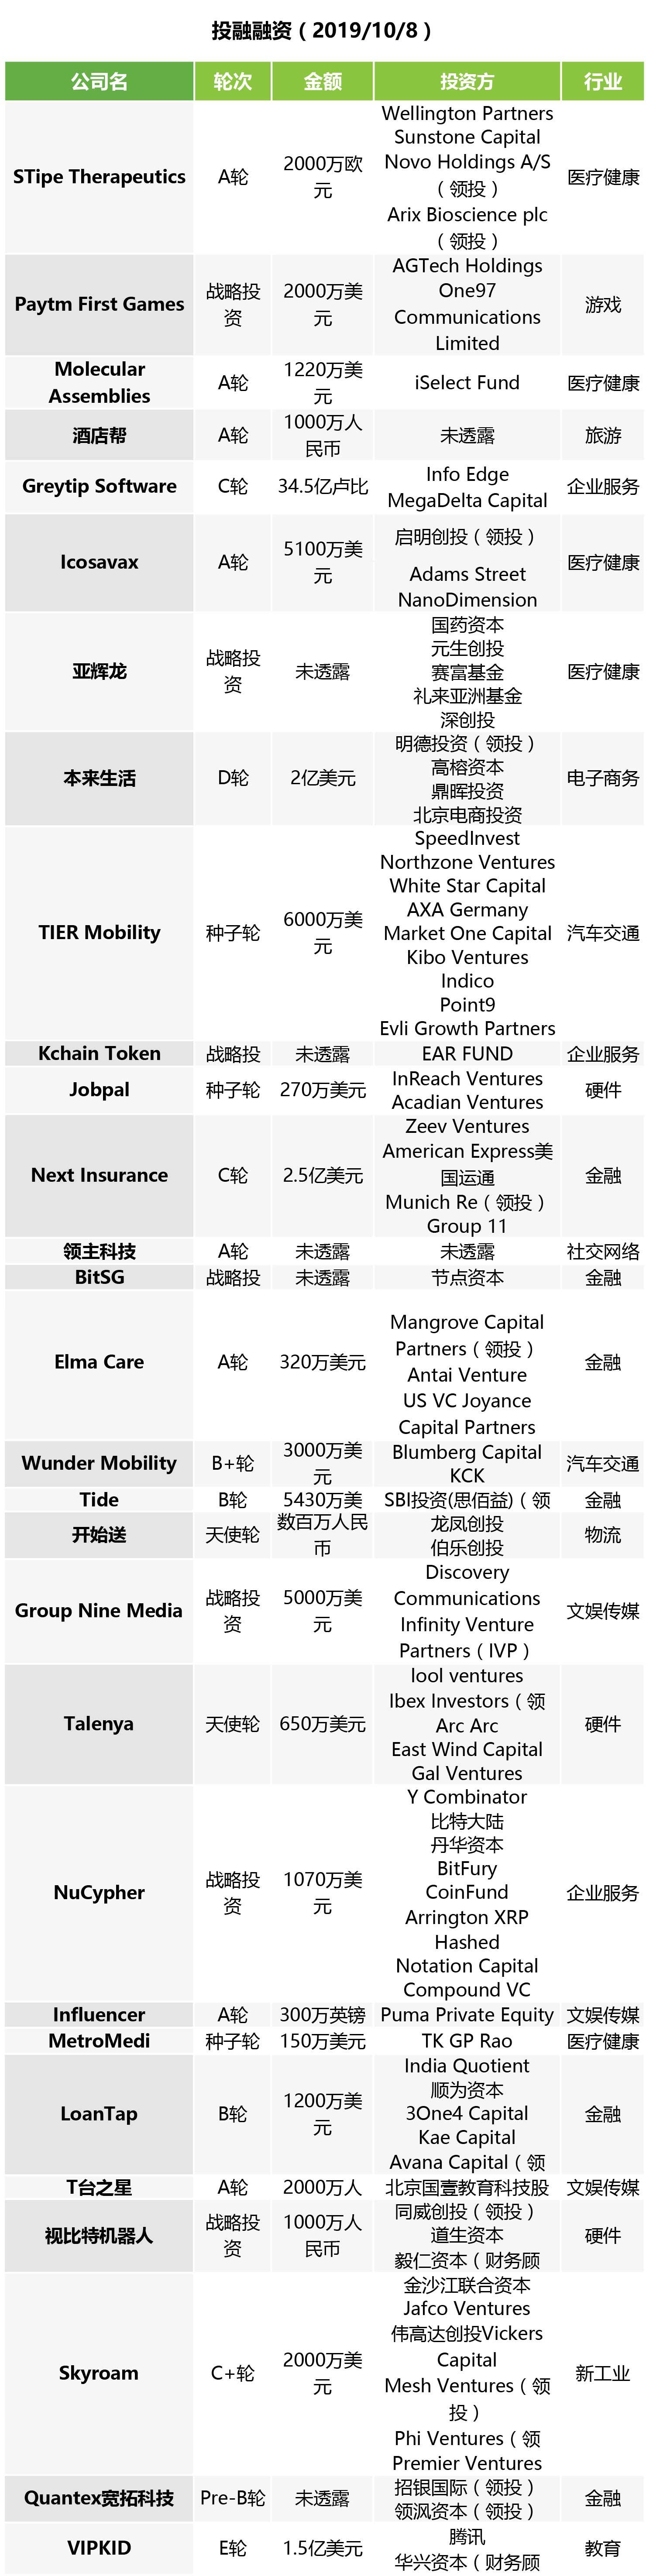 投融快讯 | 本来集团完成2亿美元D1轮融资 VIPKID正式确认腾讯领投其E轮融资